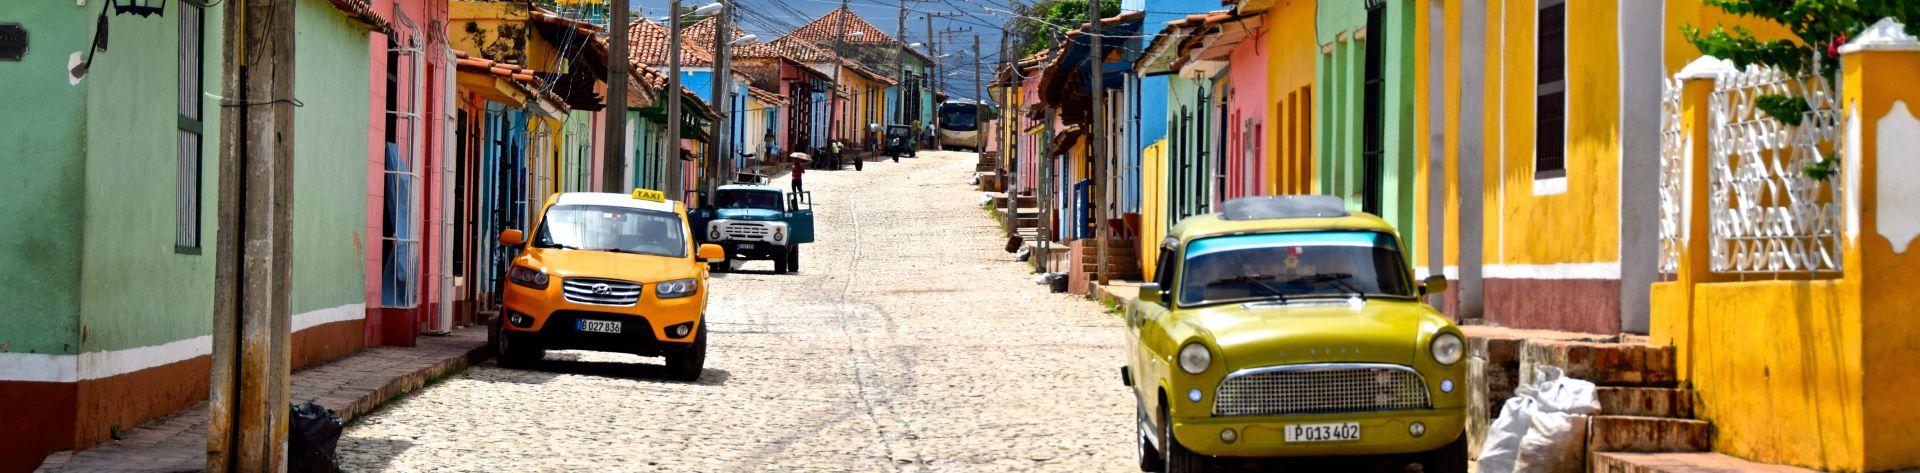 Kuba potovanja - Kaj je dobro vedeti preden se odpravimo na Kubo - ODPELJI SE